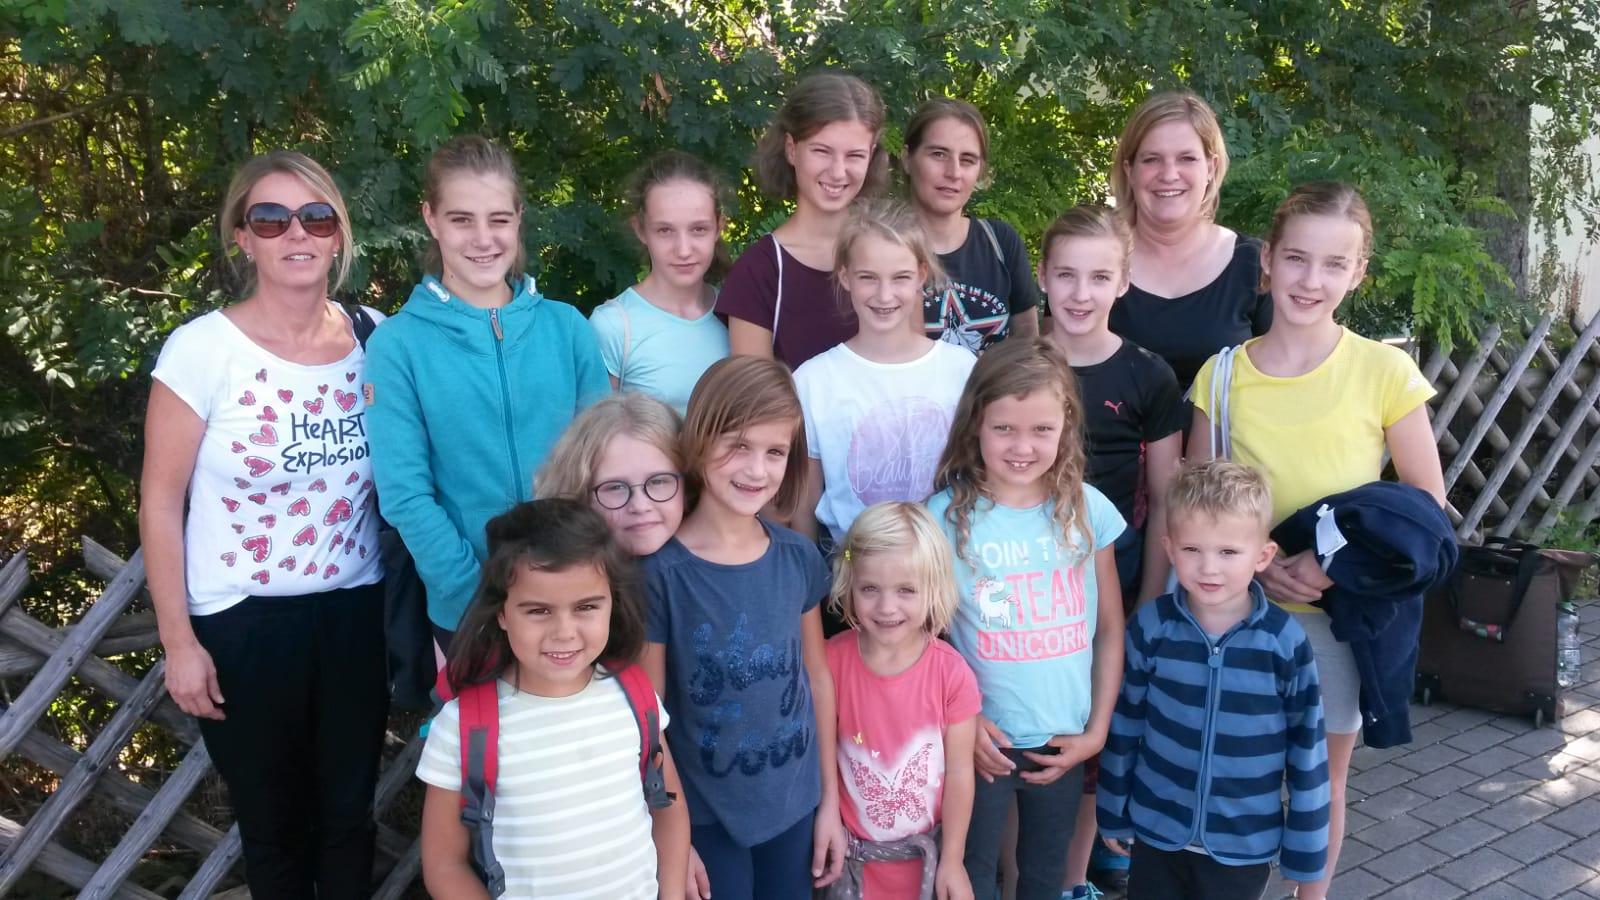 Klettergurt Edelweiss : Edelweiss kids auch beim klettern klasse!